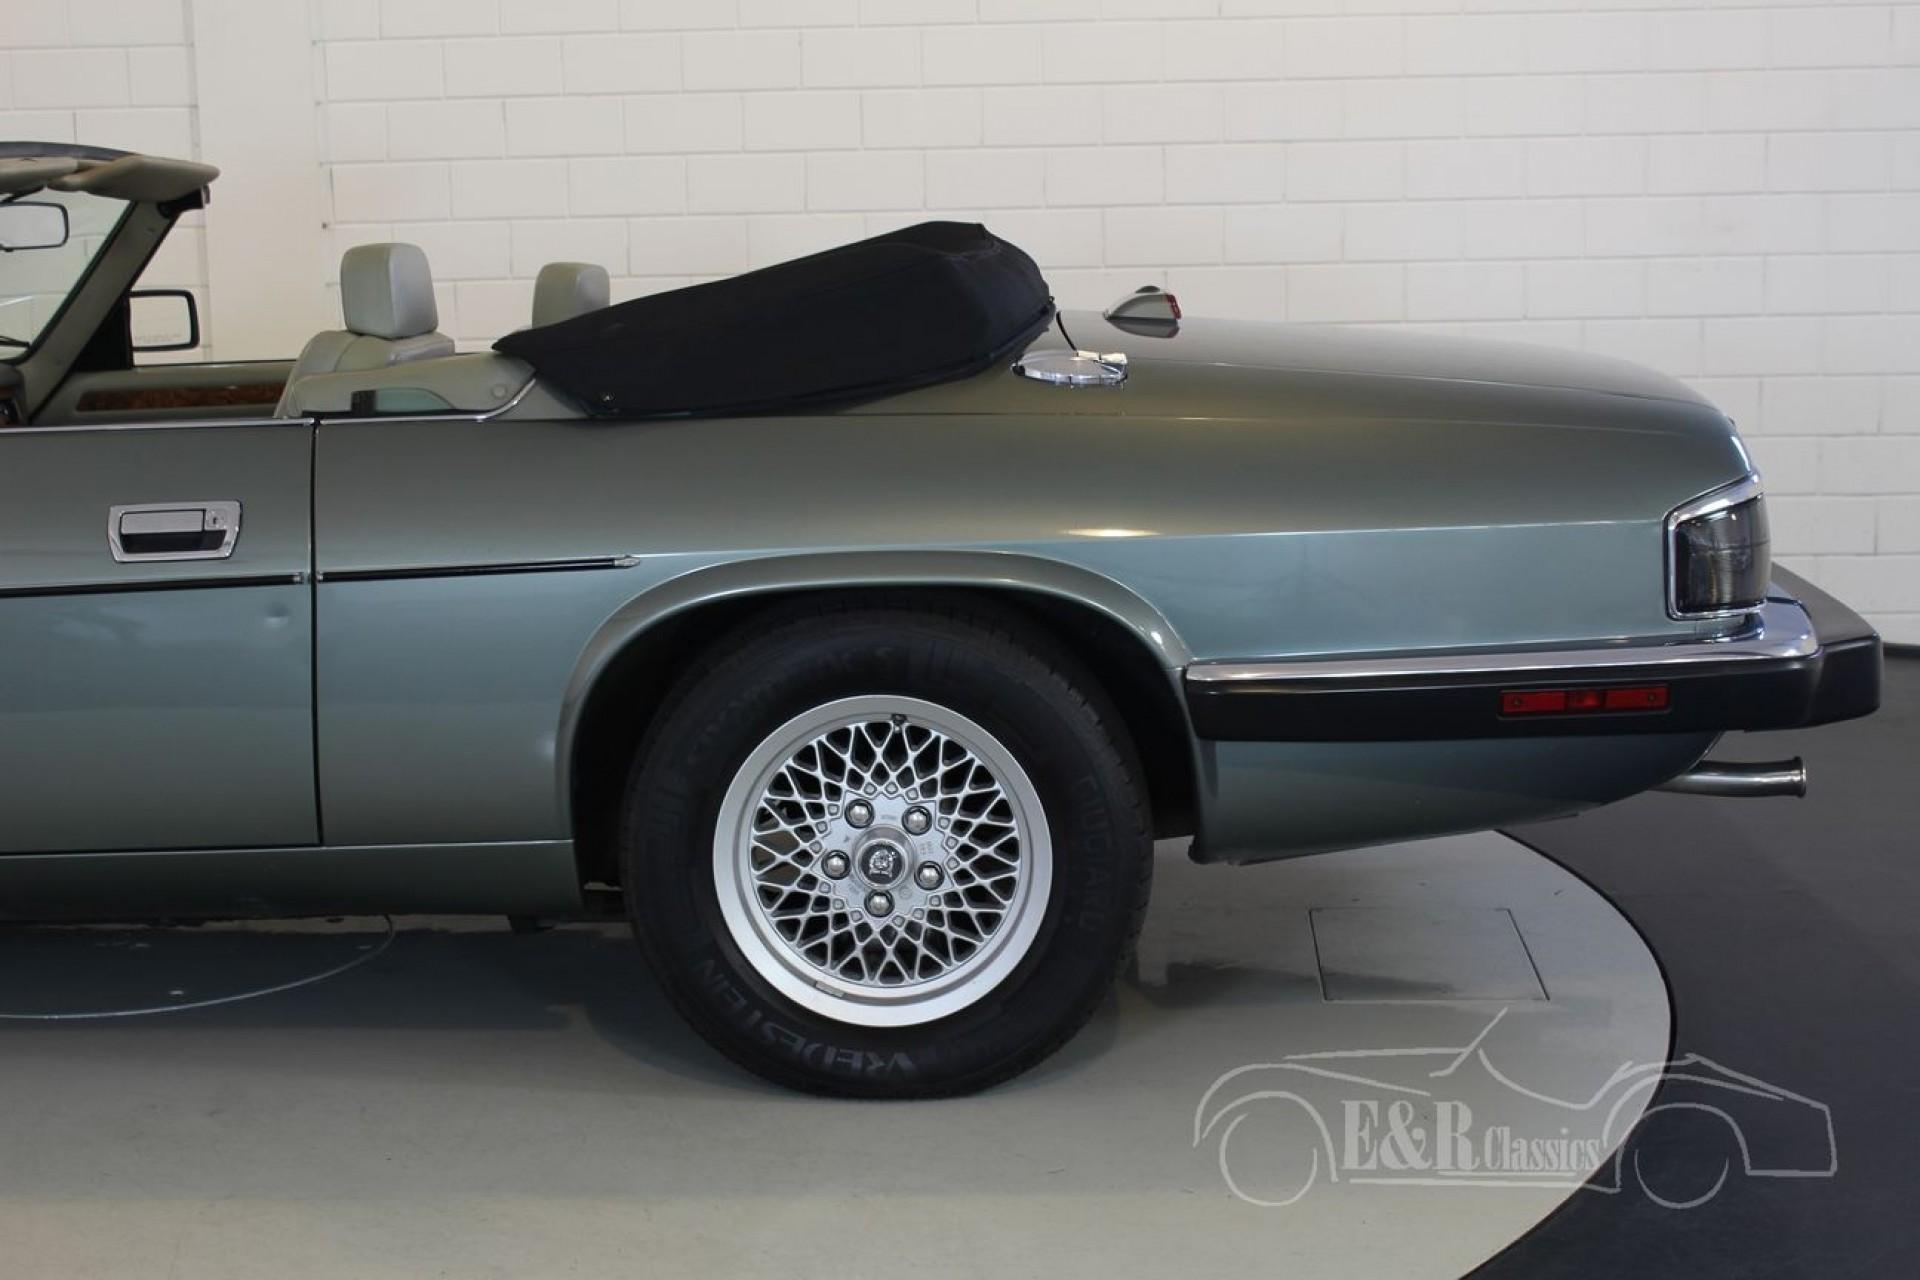 Jaguar Xjs Cabriolet 1993 224 Vendre 224 Erclassics